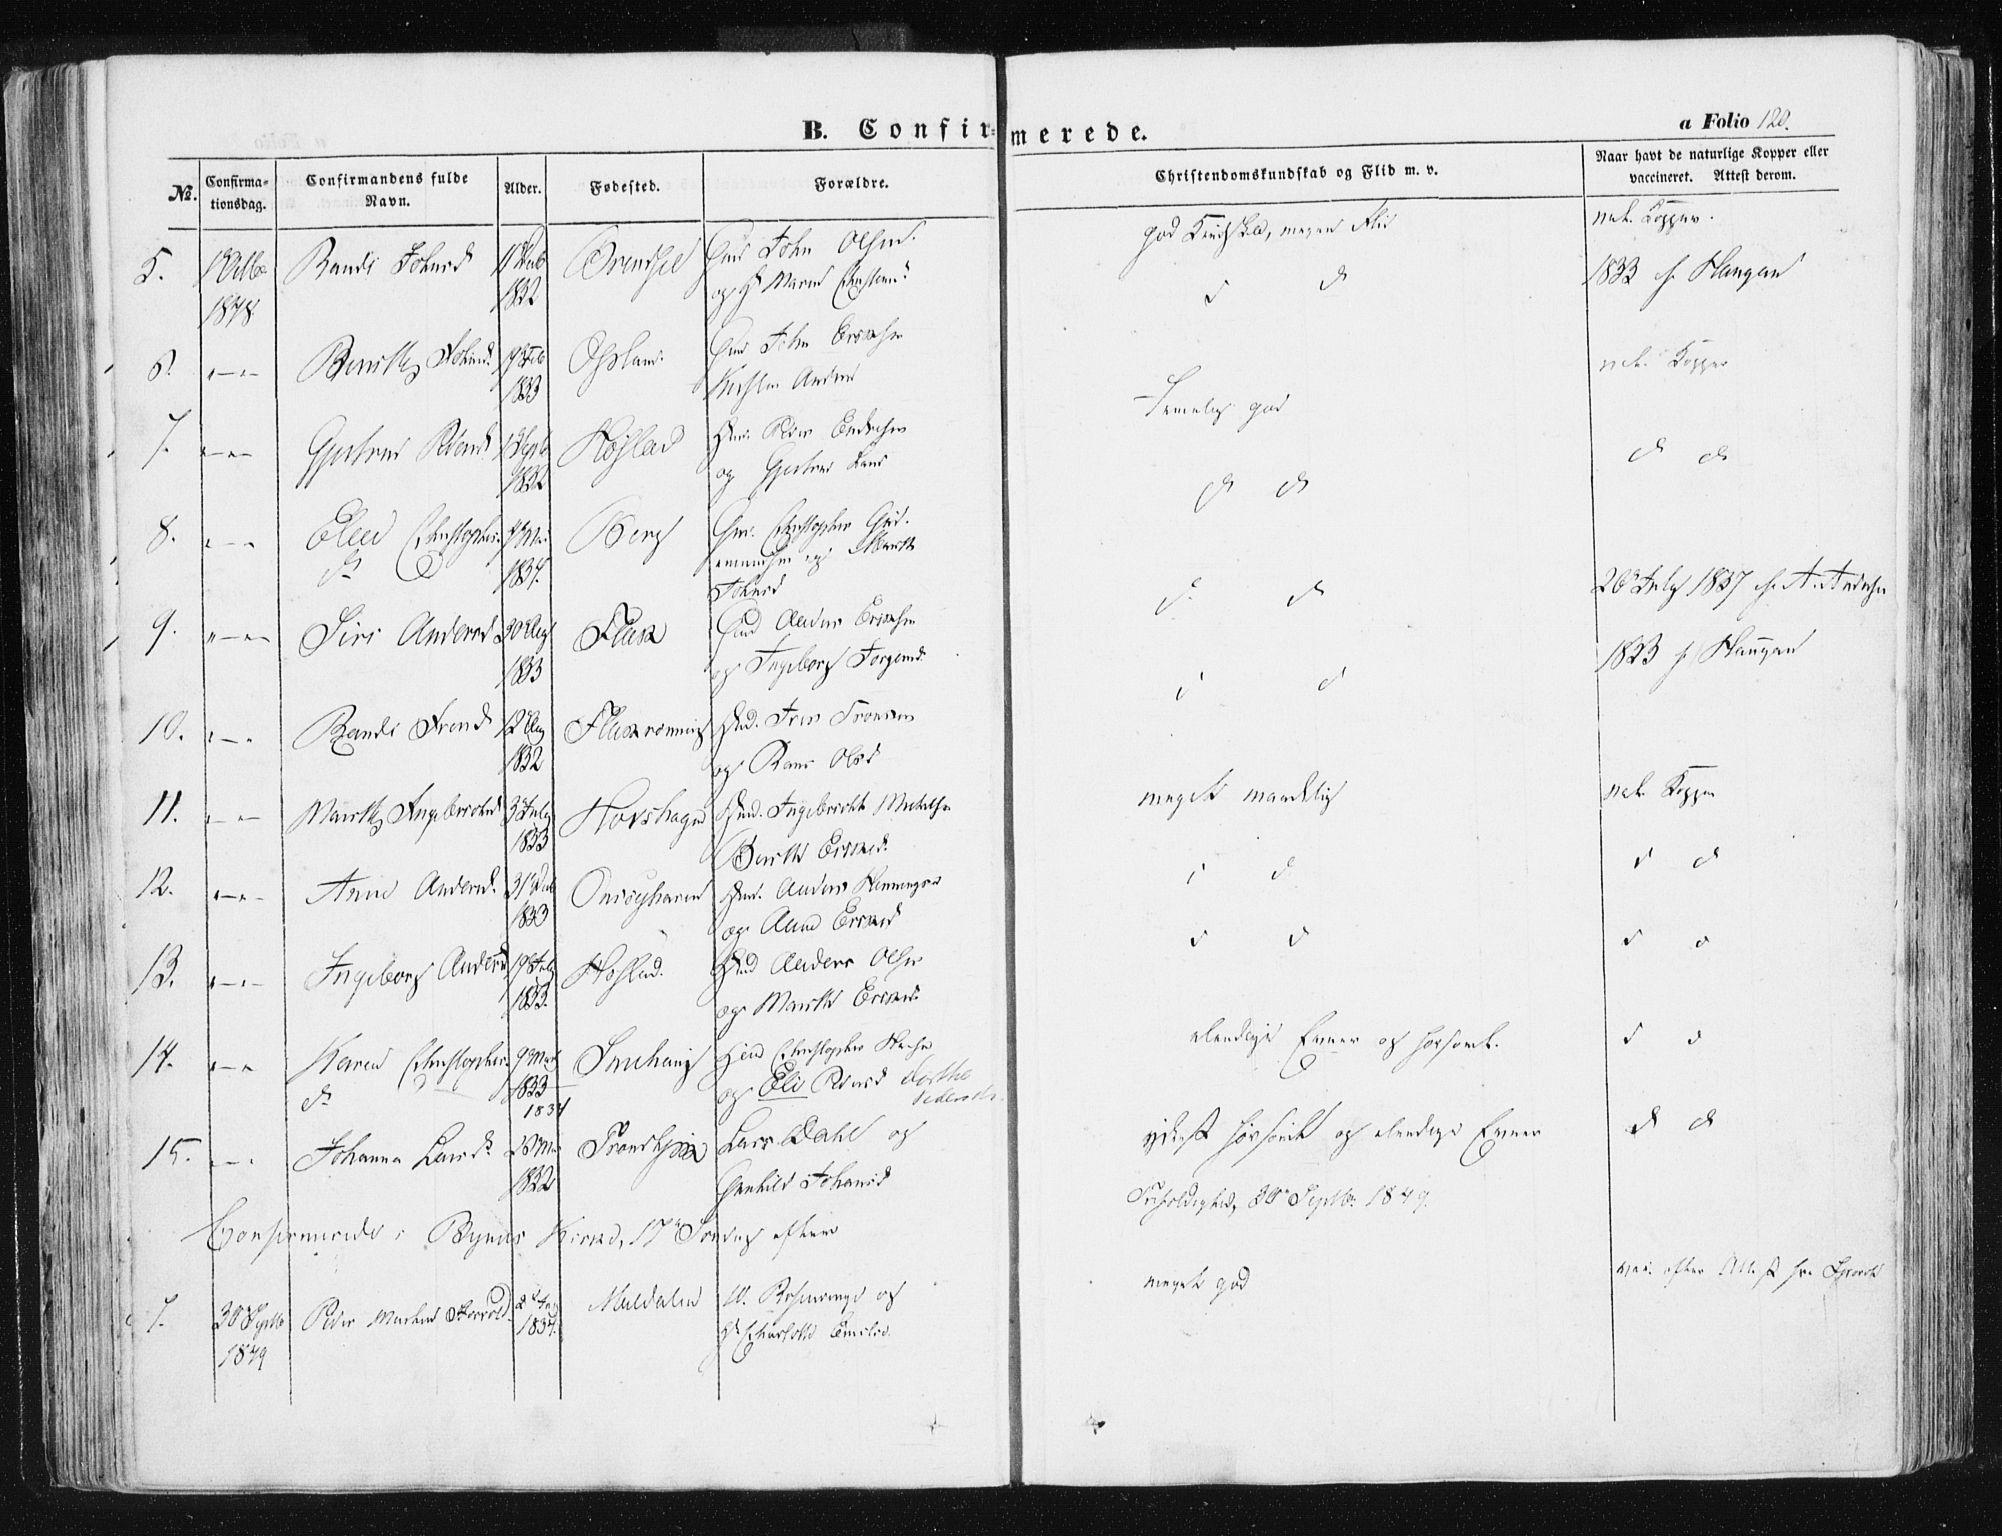 SAT, Ministerialprotokoller, klokkerbøker og fødselsregistre - Sør-Trøndelag, 612/L0376: Ministerialbok nr. 612A08, 1846-1859, s. 120